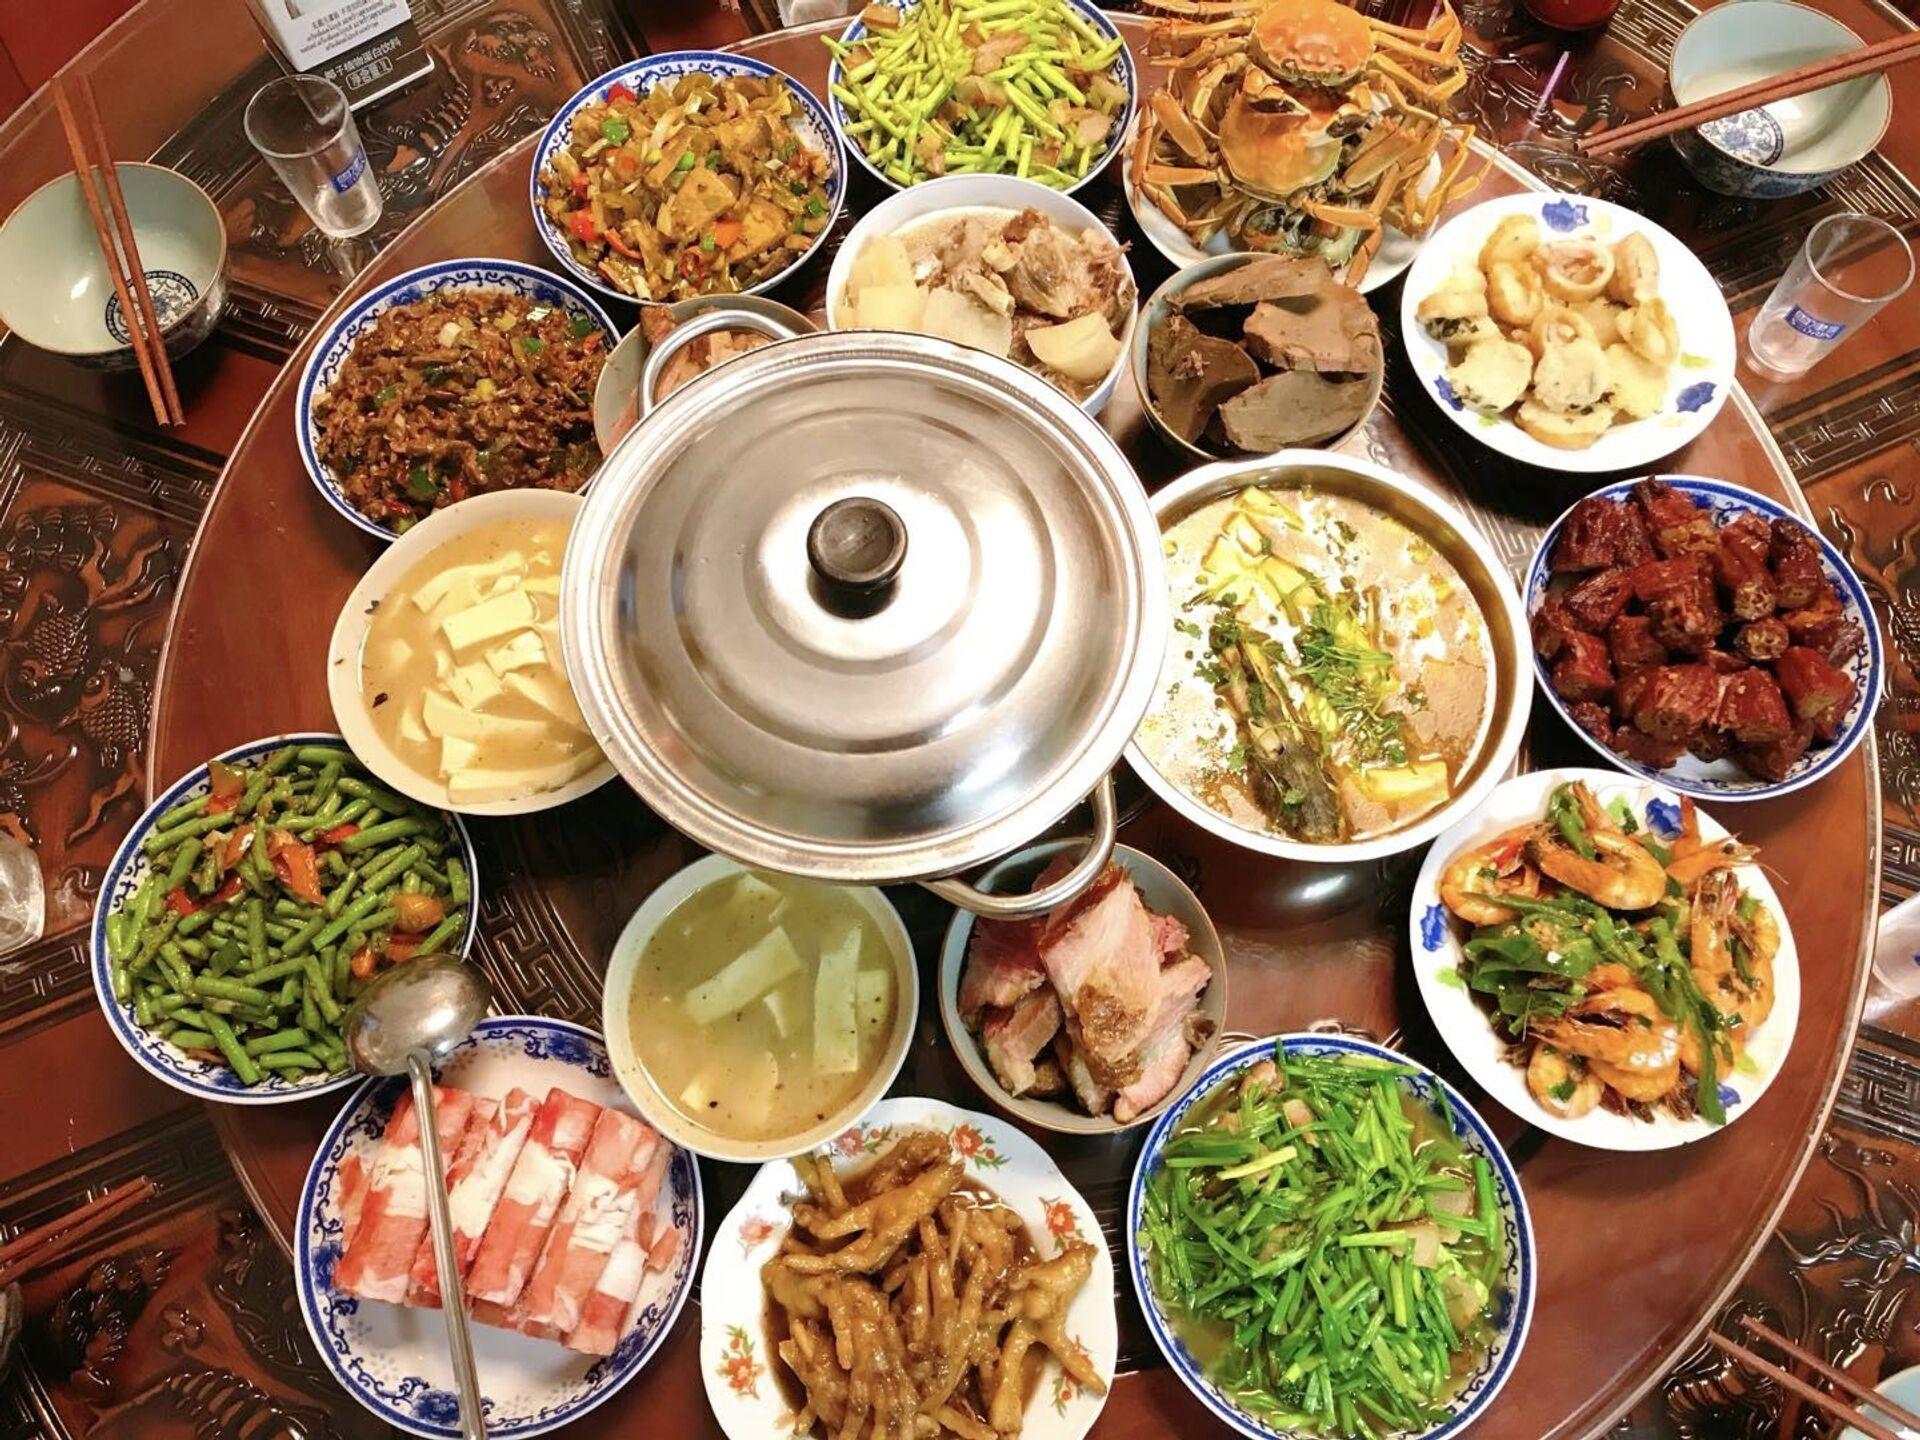 Trung Quốc bắt đầu phạt vì tuyên truyền thói háu ăn, lãng phí thực phẩm - Sputnik Việt Nam, 1920, 06.05.2021